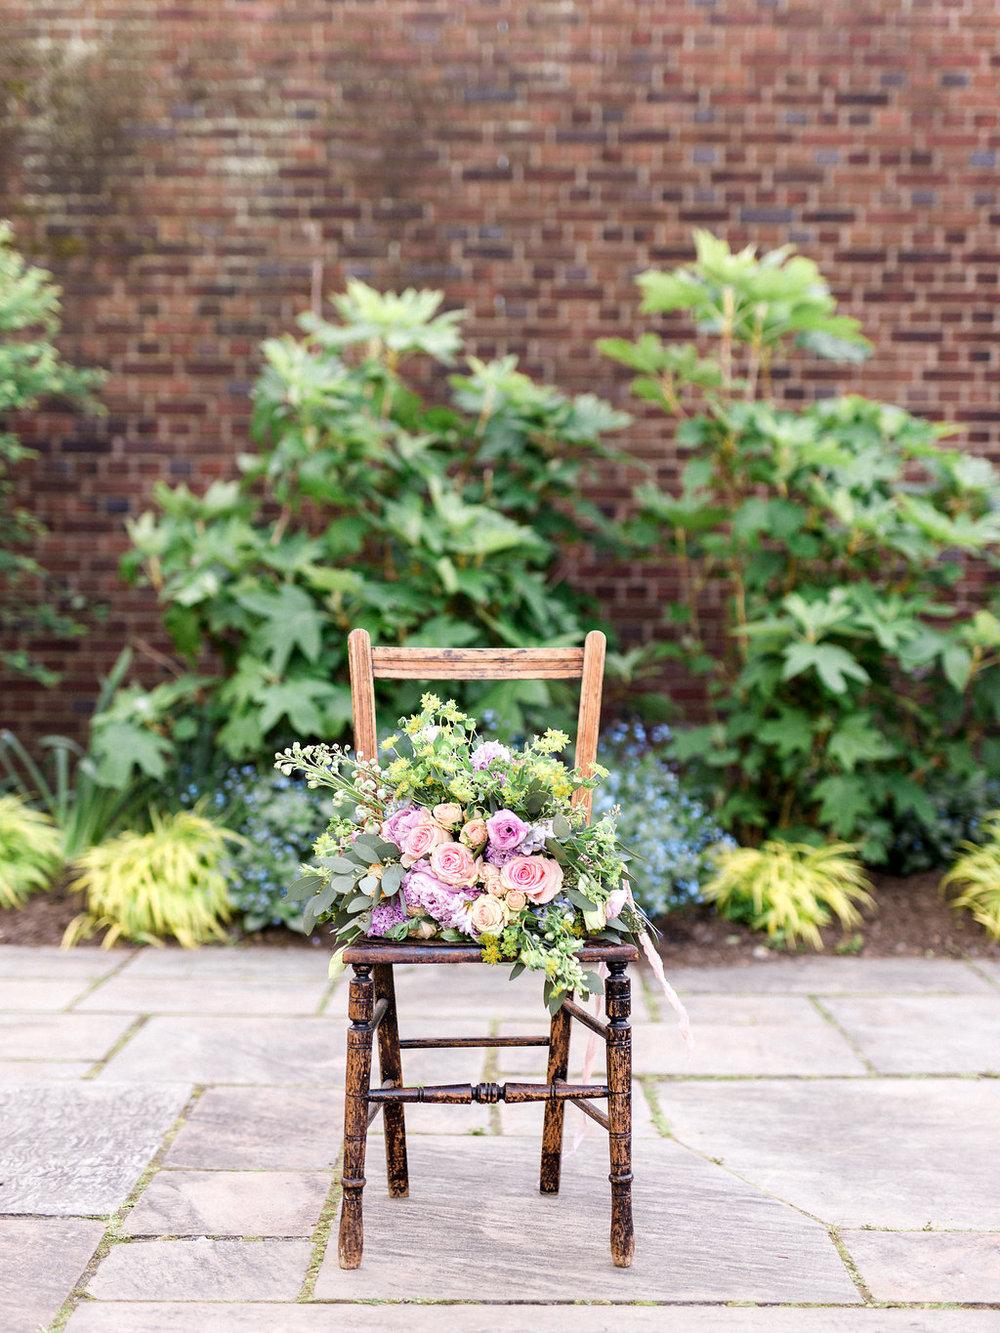 jimchiesaphotography_walled_garden_mellon_park-17.JPG